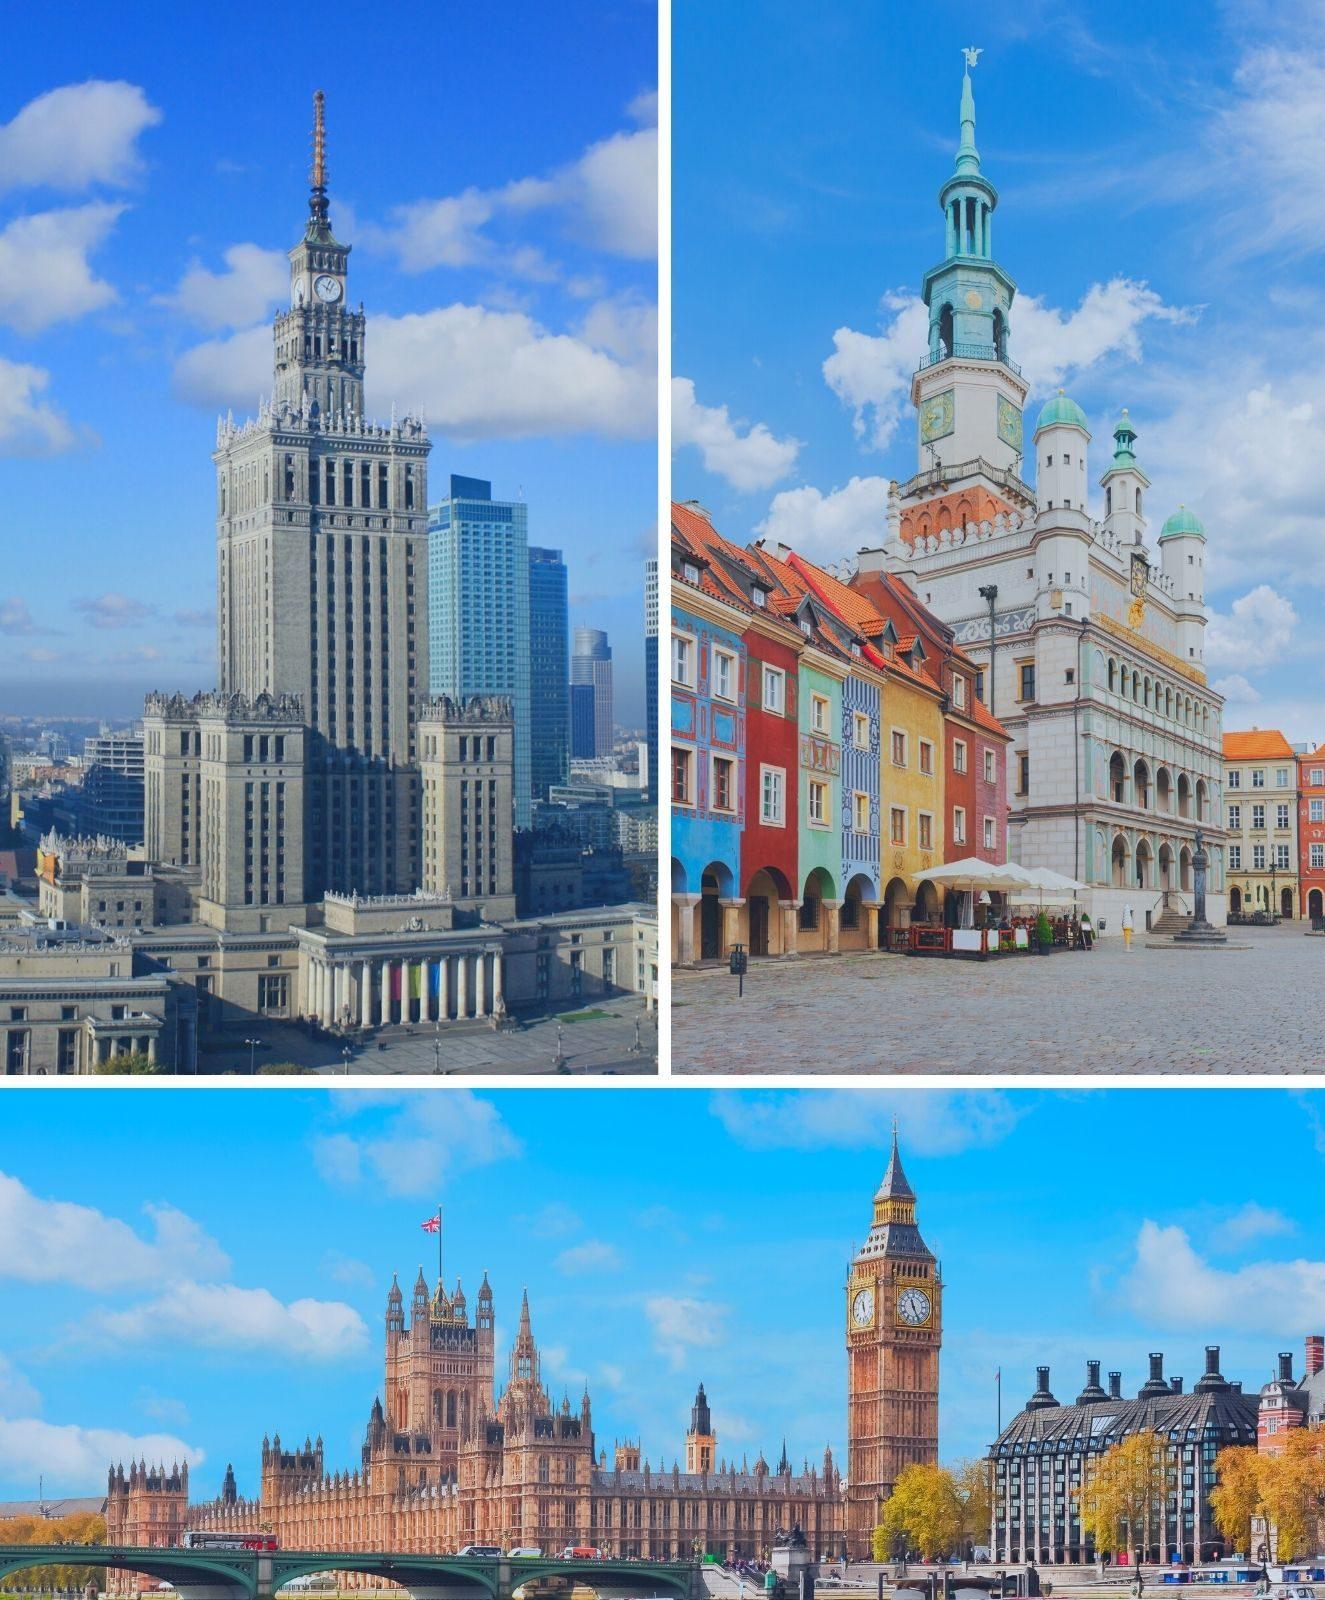 Zdjęcie przedstawia budynki będące symbolami trzech miast - Warszawy, Poznania i Londynu.